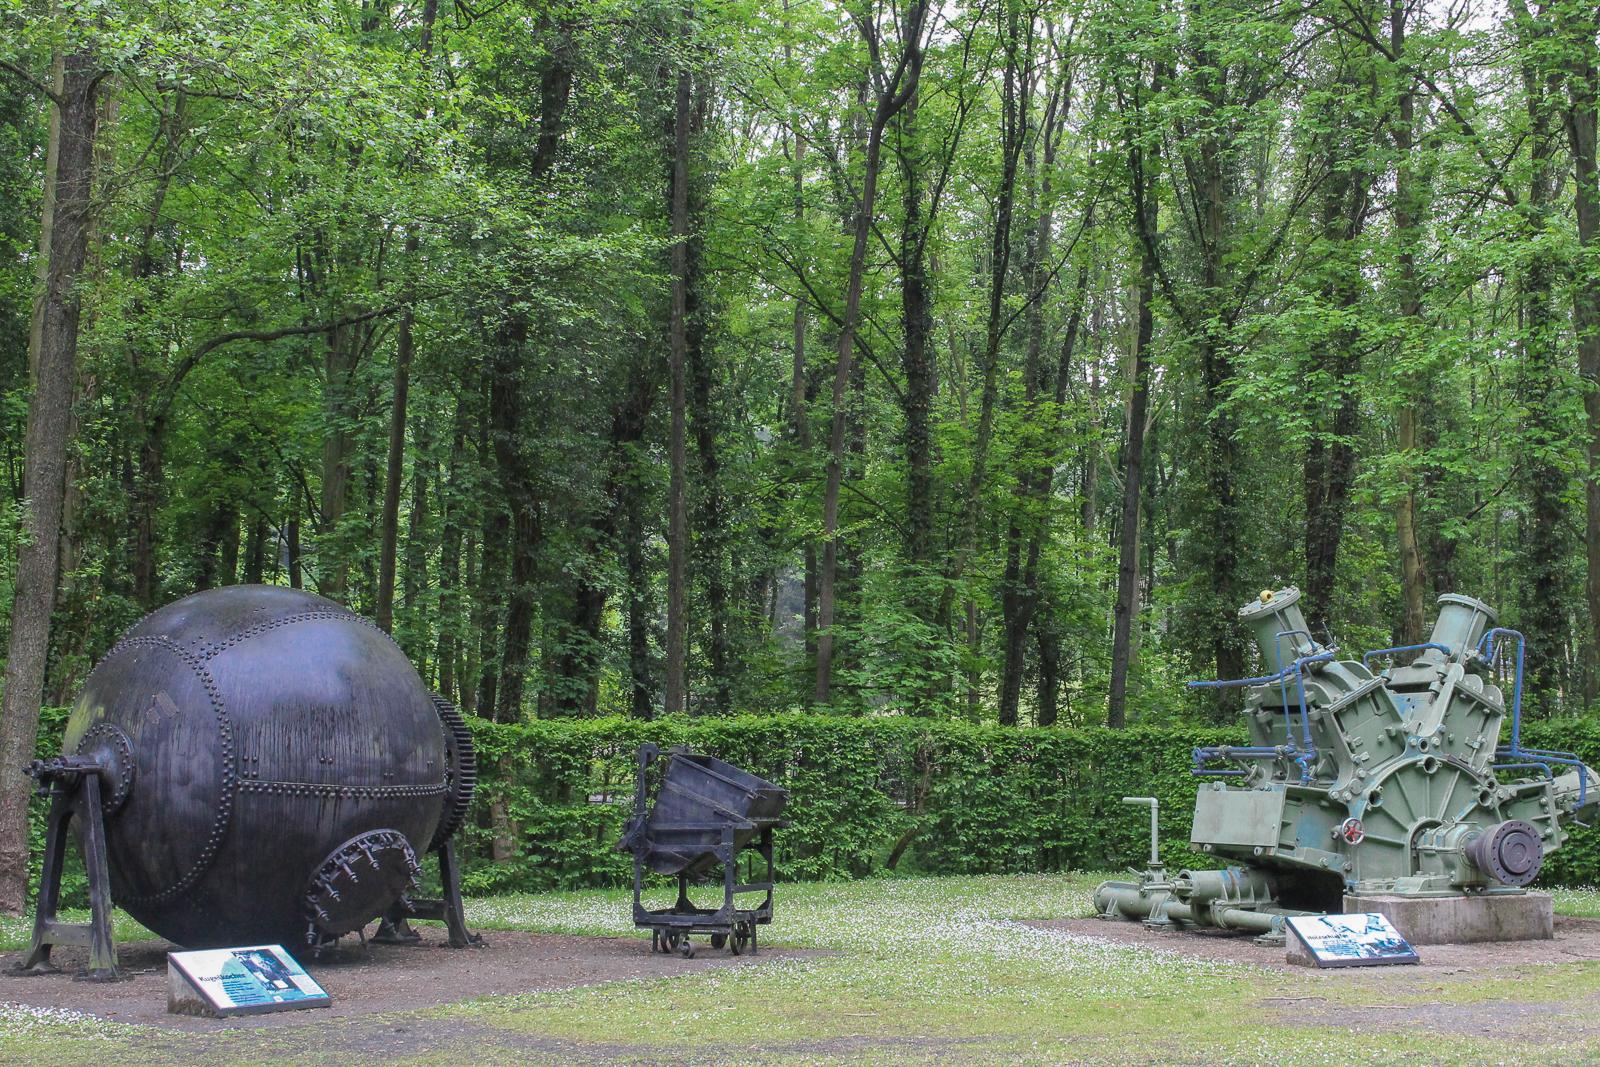 Papiermühle Alte Dombach LVR Museum bergisch Gladbach